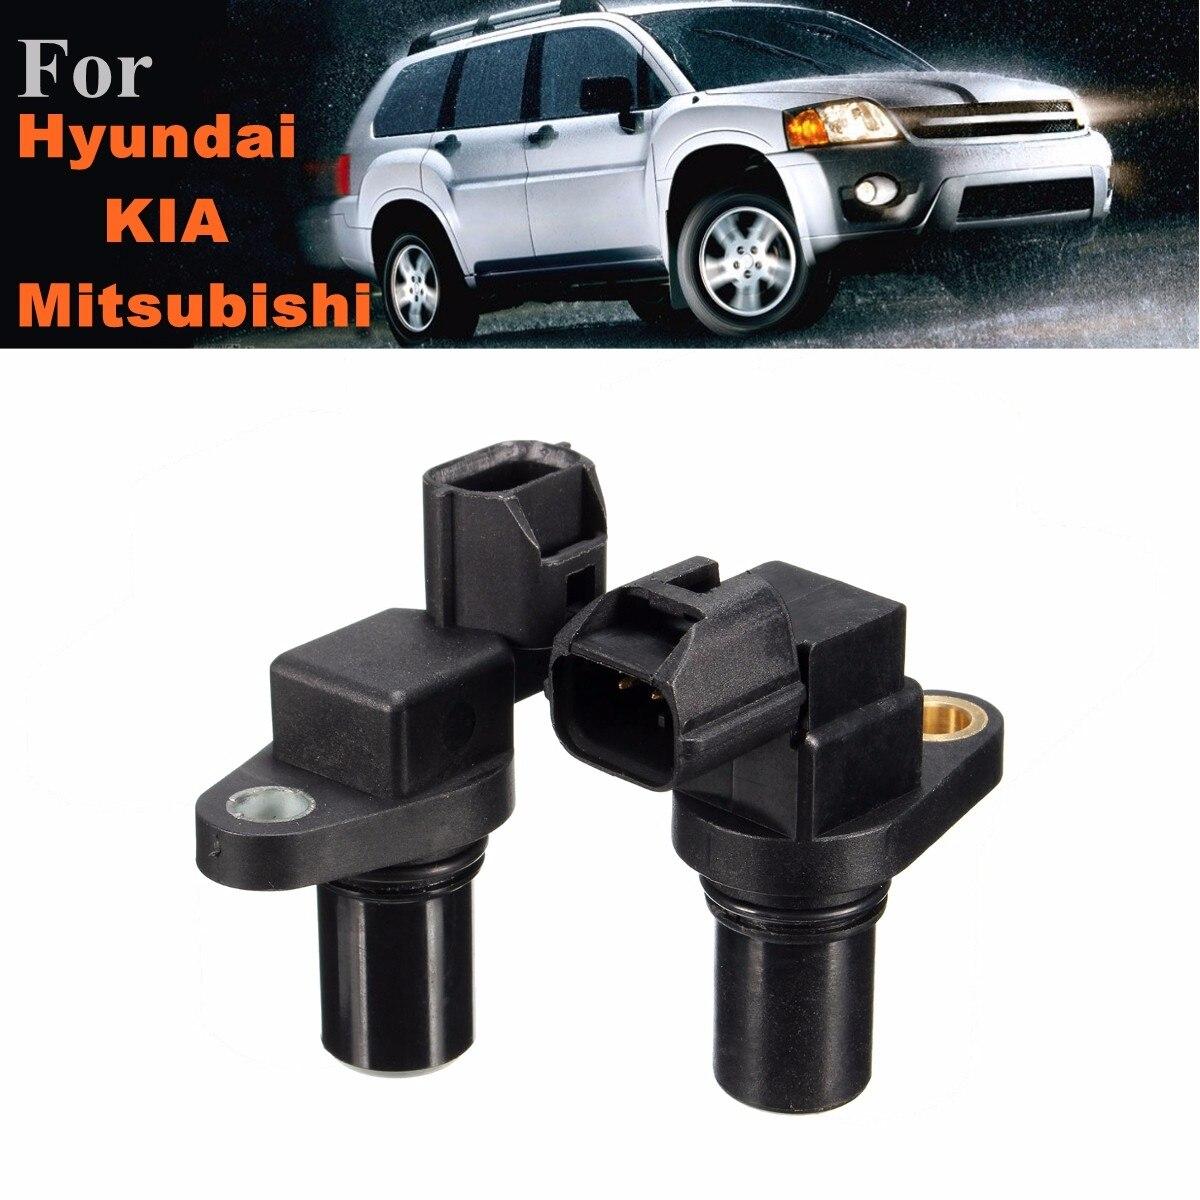 42620-39200 42621-39200 Çift Şanzıman Giriş ve Çıkış Hızı Sensörü için Dodge için Chrysler için Hyundai KIA için Mitsubishi